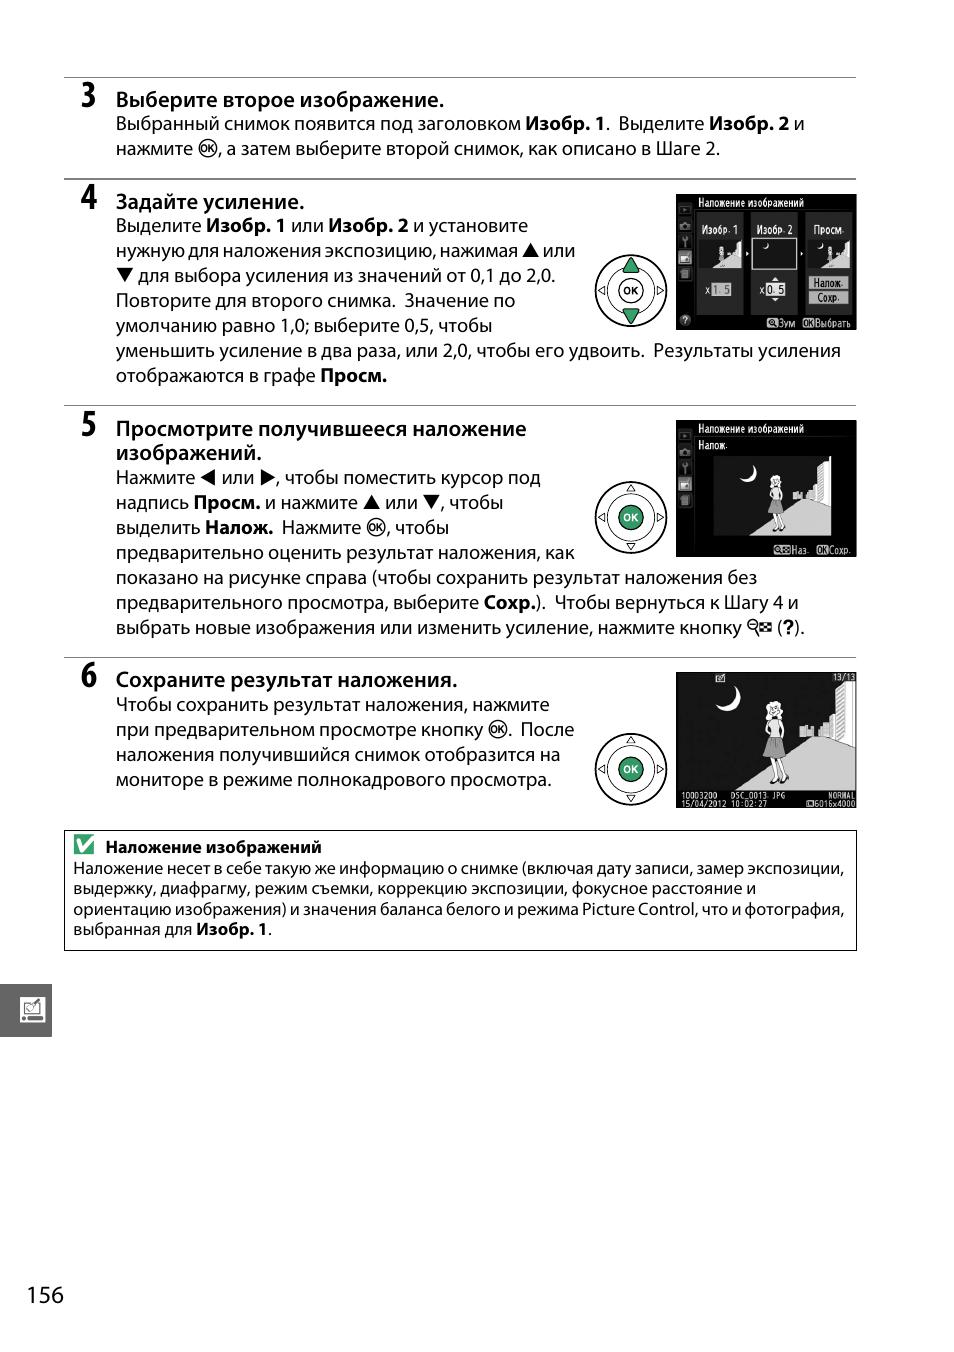 никон д3200 инструкция по применению на русском